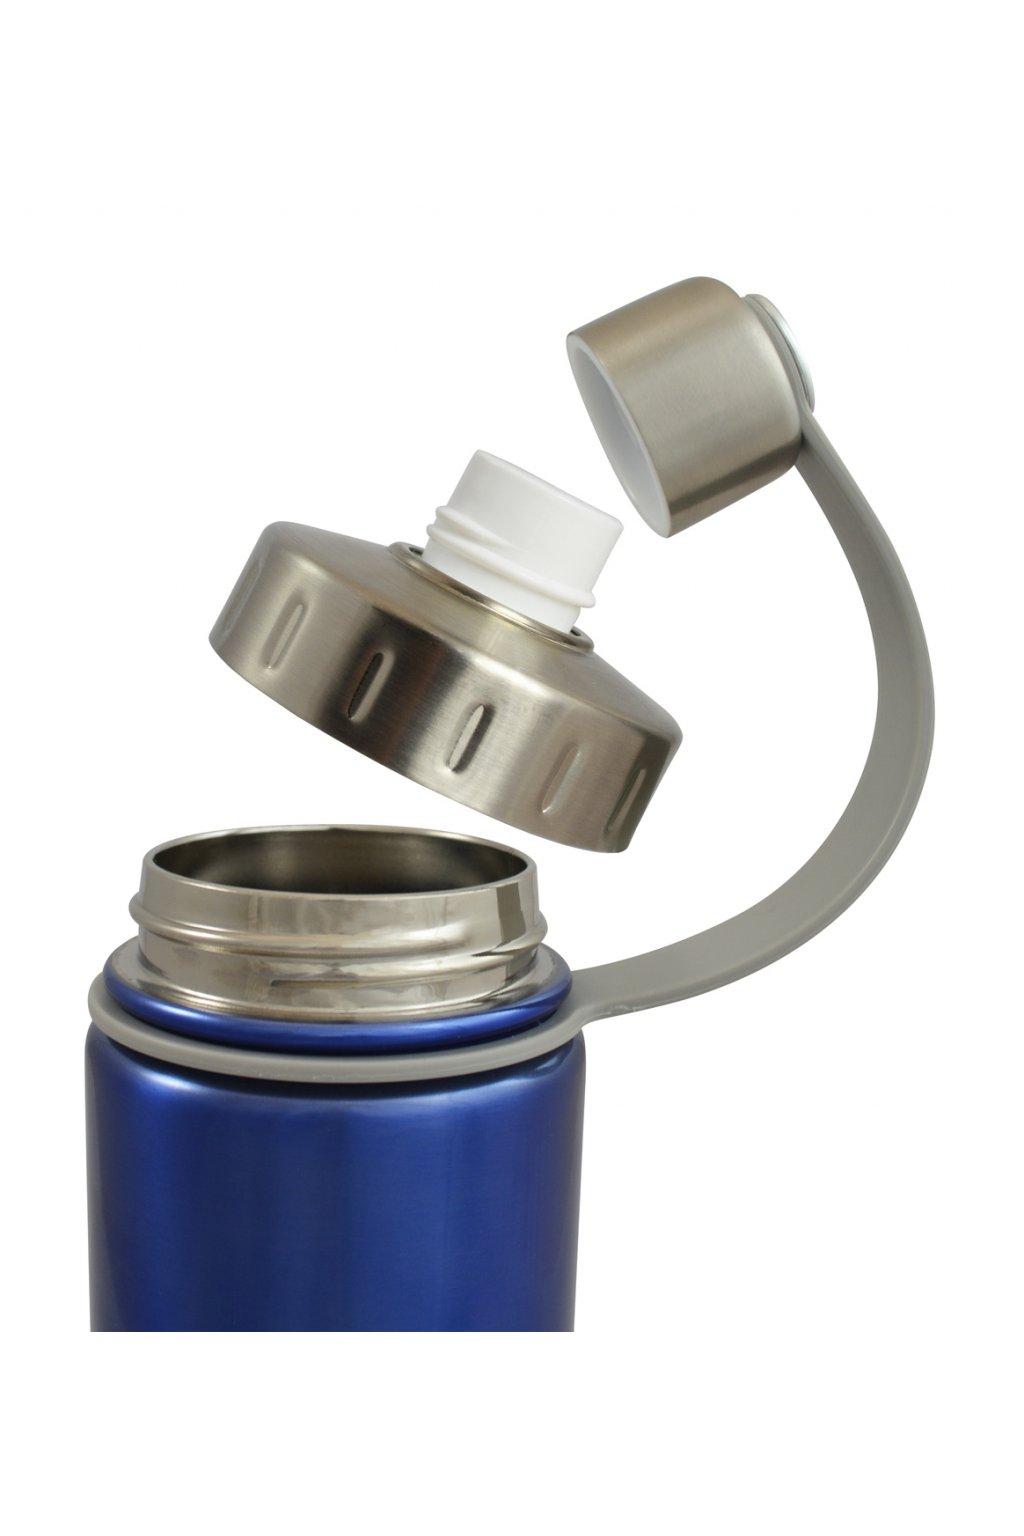 Termofľaša Eco Vessel 600 ml so závitom strieborná. 1 z 3. Eco Vessel  termofľaša s otvorenými závitmi ... d6660dd3bc5